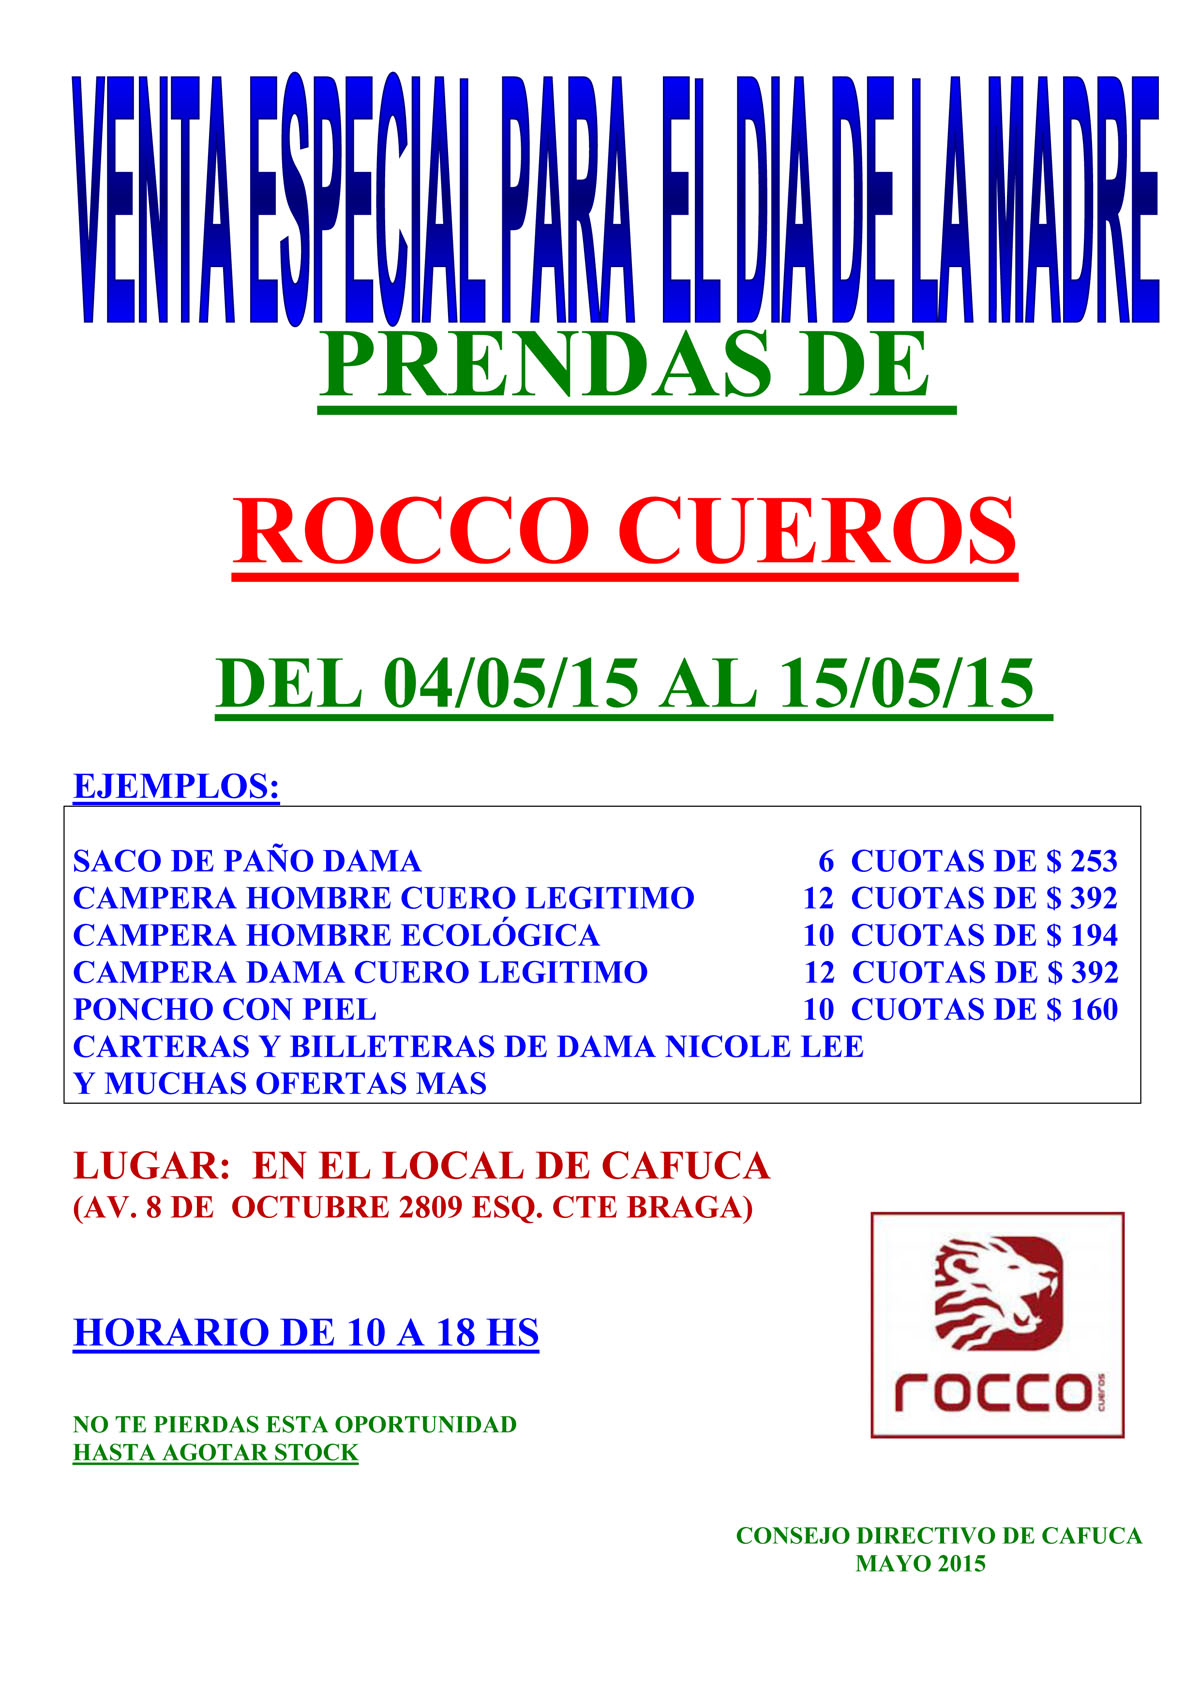 CARTEL-VENTAS- ROCCO-CUEROS-2015